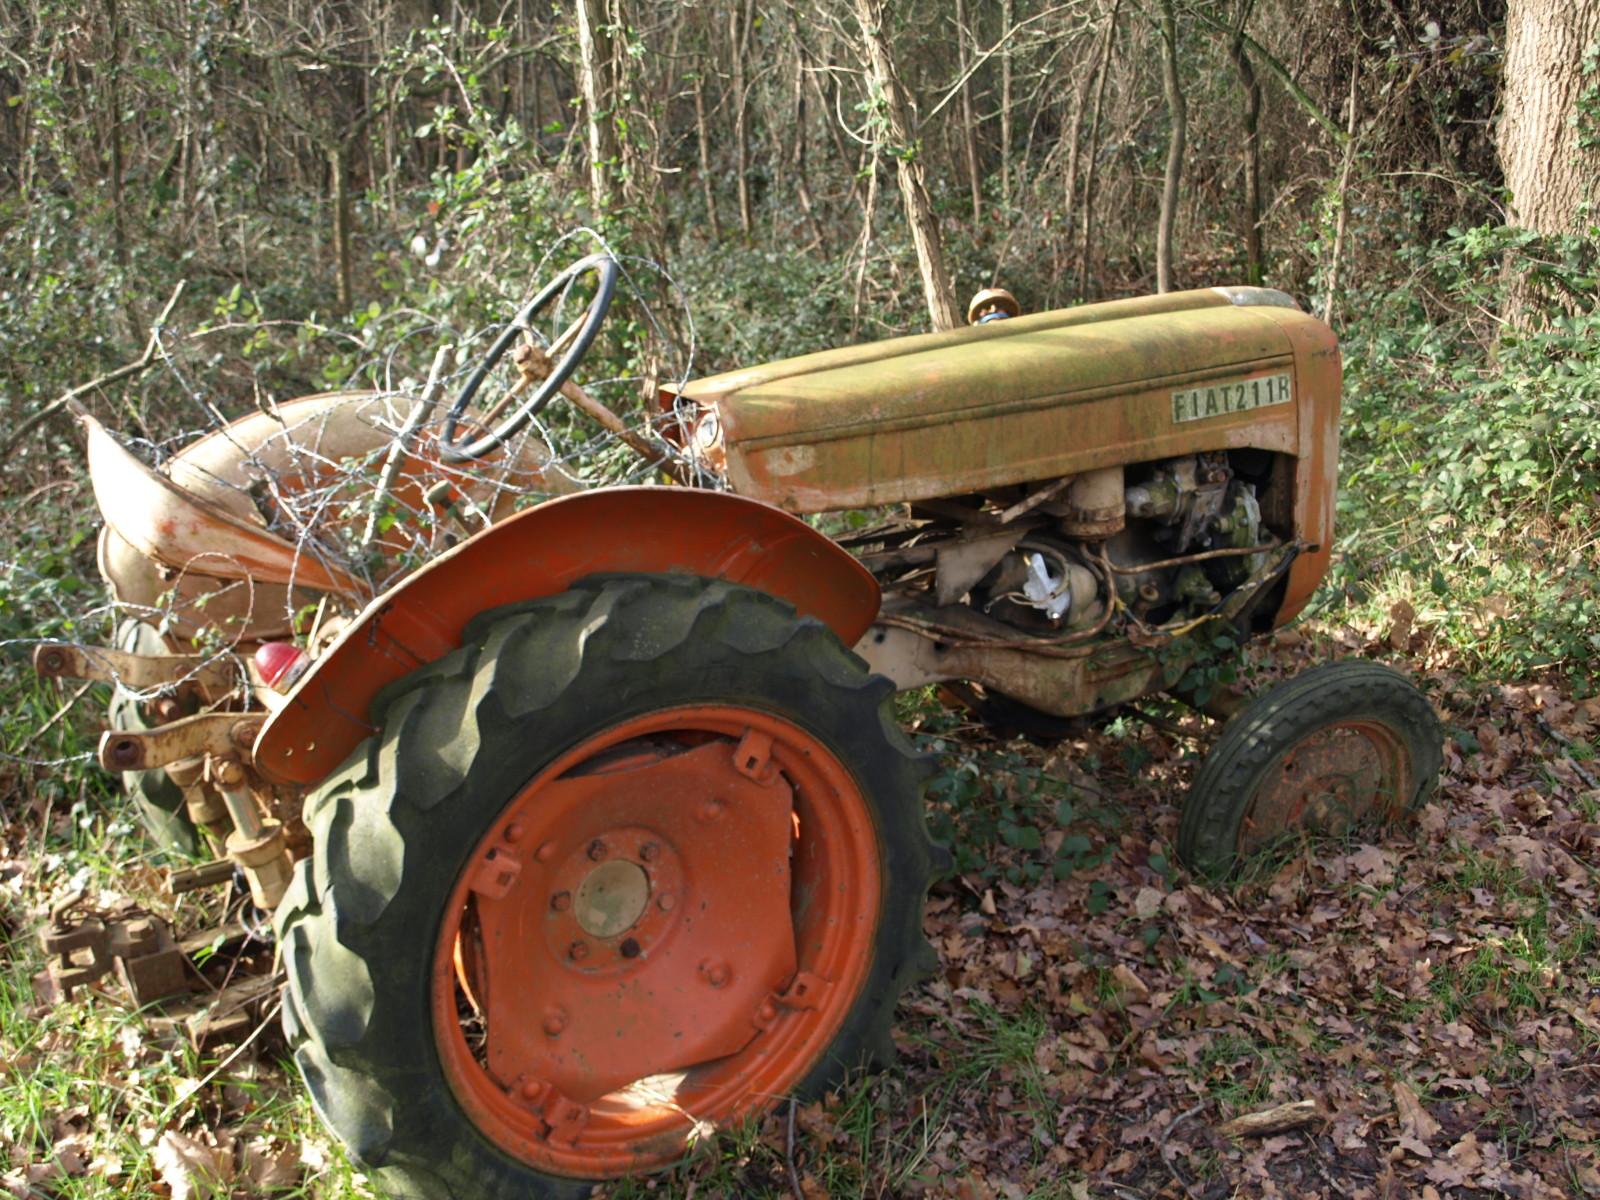 Esos tractores perdidos 35nc38w